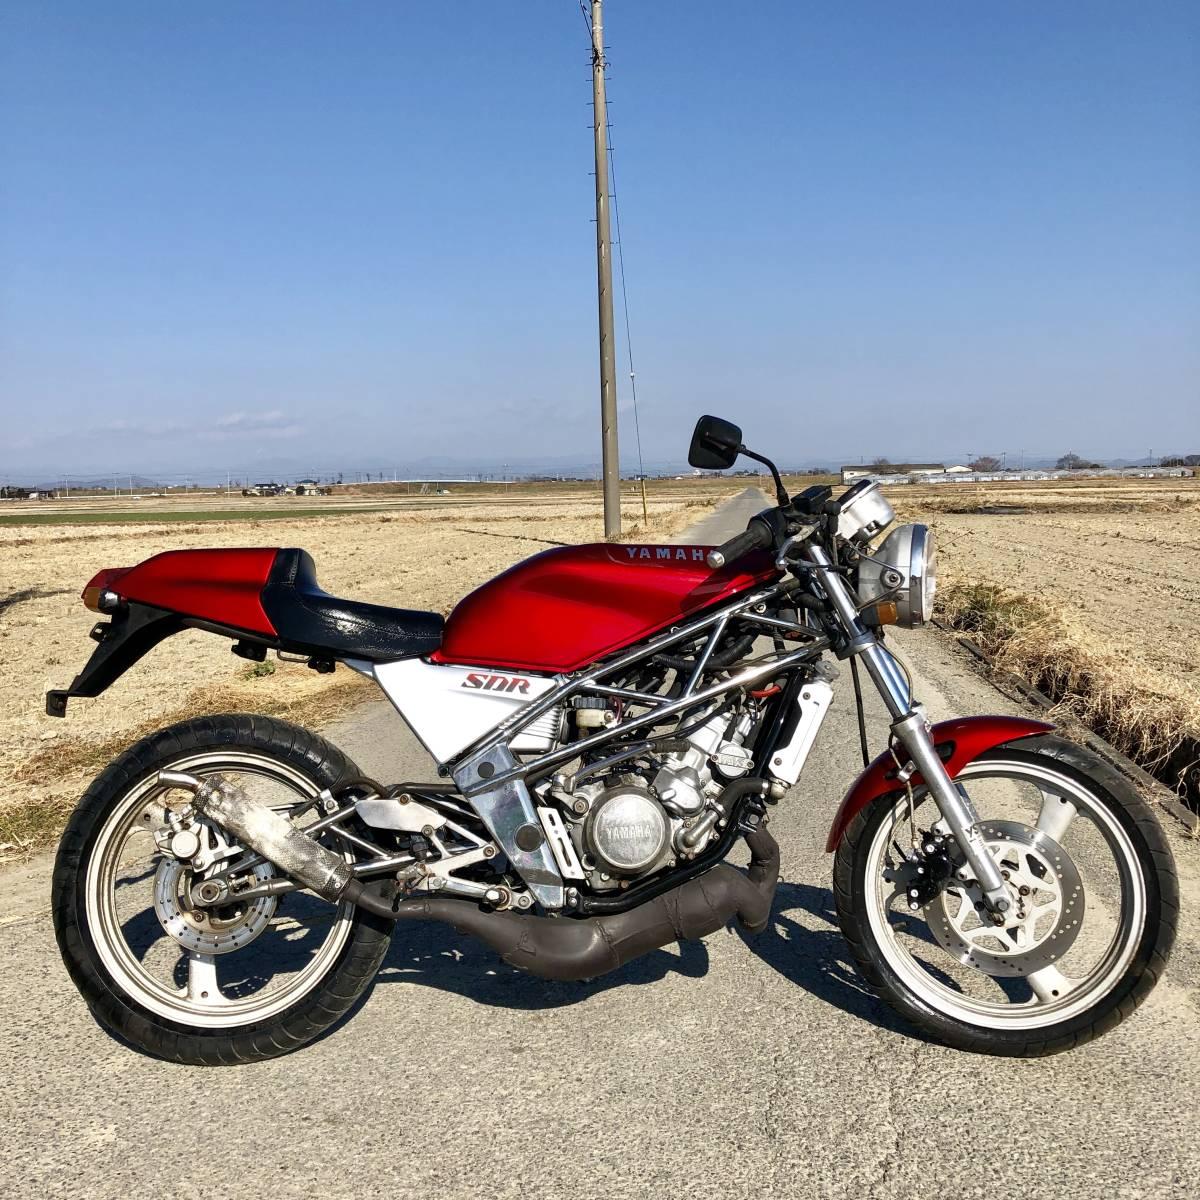 ヤマハSDR200 好調 2スト人気 改 希 少売り切り ホンダスズキカワサキ検)NS TZ MVX VT FW FZR RG R1Z CBR RZ GT NSR TS KR_画像7